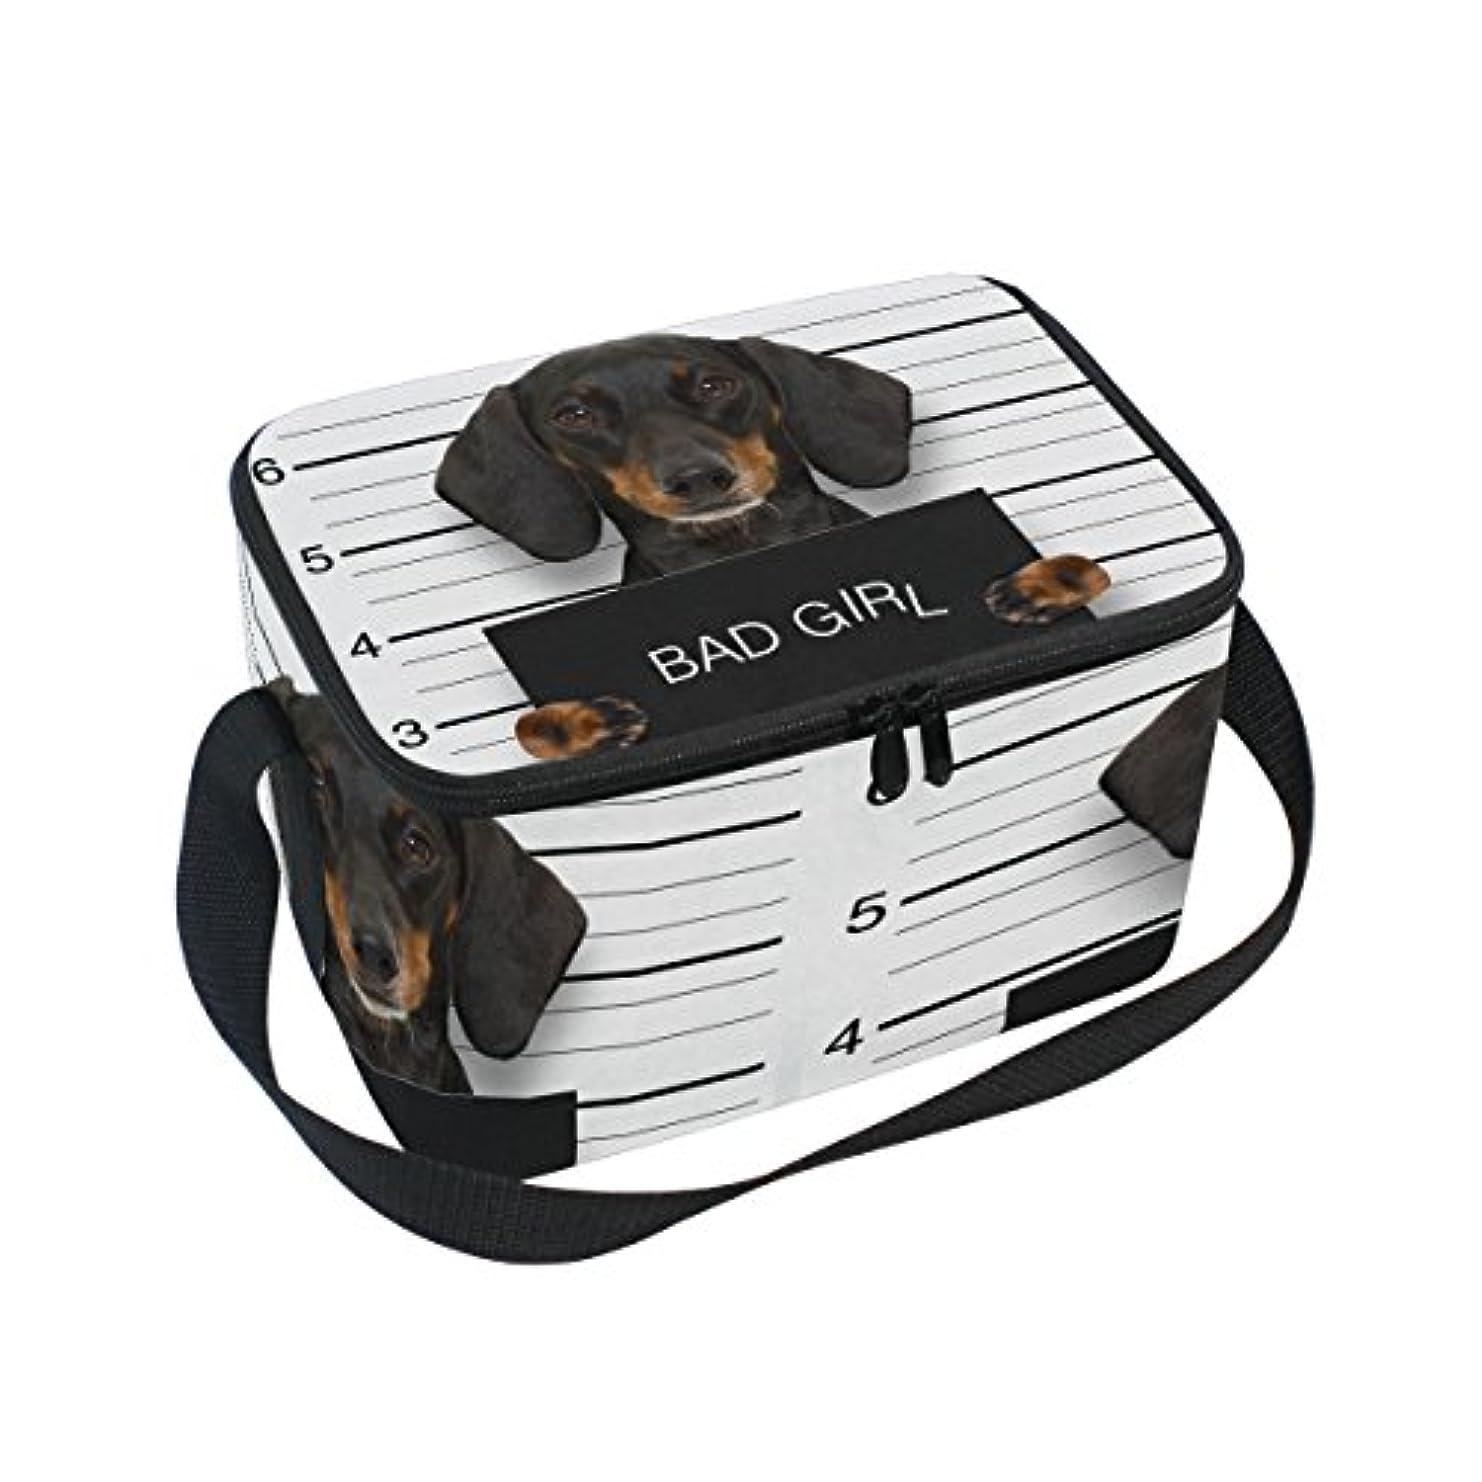 伝えるジャズ枕クーラーバッグ クーラーボックス ソフトクーラ 冷蔵ボックス キャンプ用品  犬柄 面白い 保冷保温 大容量 肩掛け お花見 アウトドア